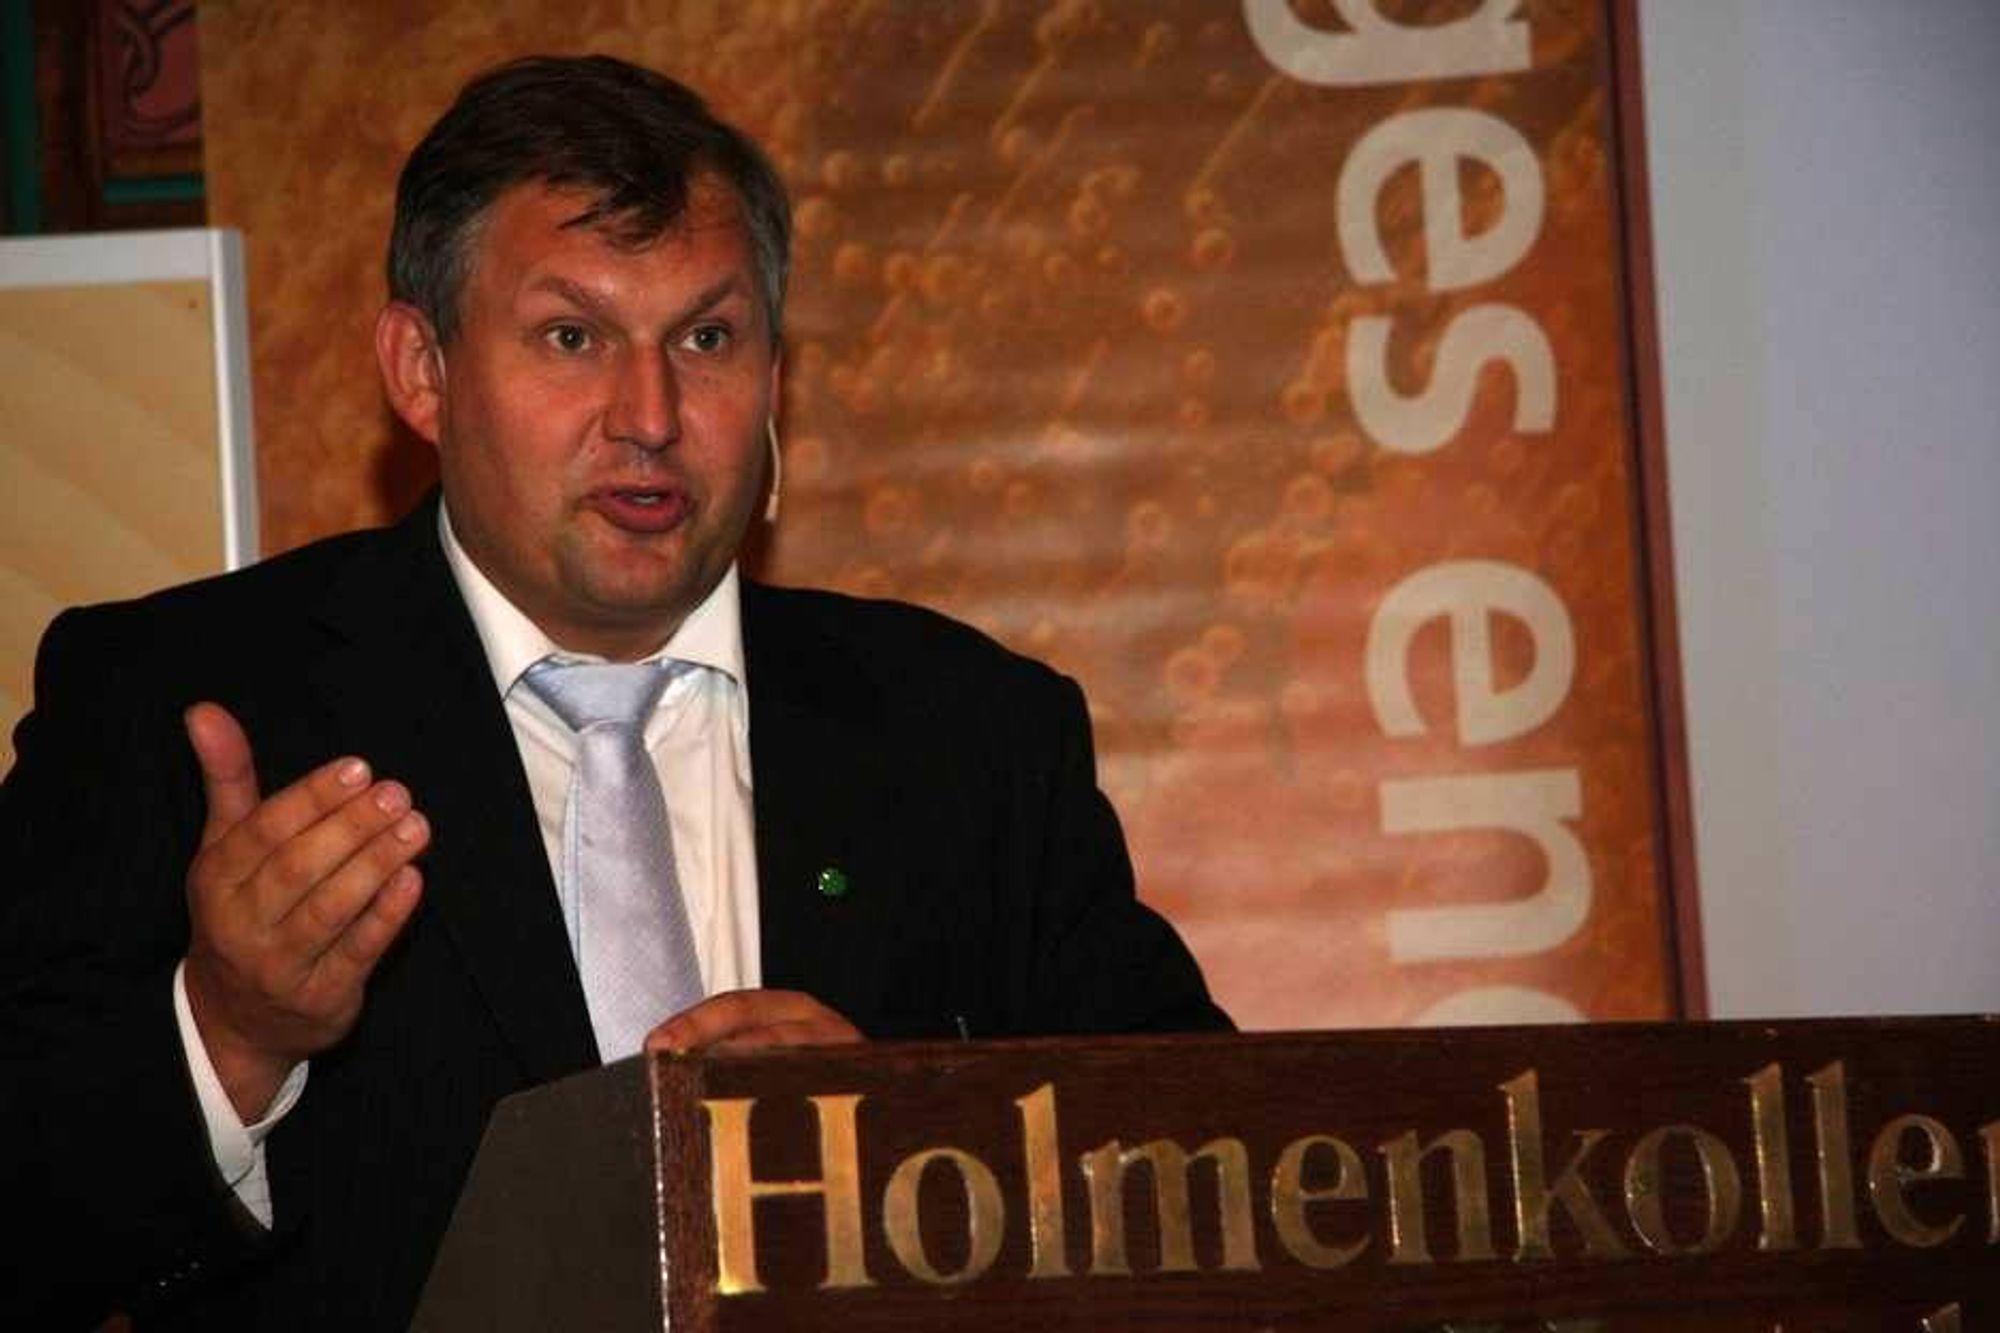 MULIGHETER: Olje- og energiminister Terje Riis-Johansen mener at det fortsatt ligger et formidabelt potensial i vannkraft